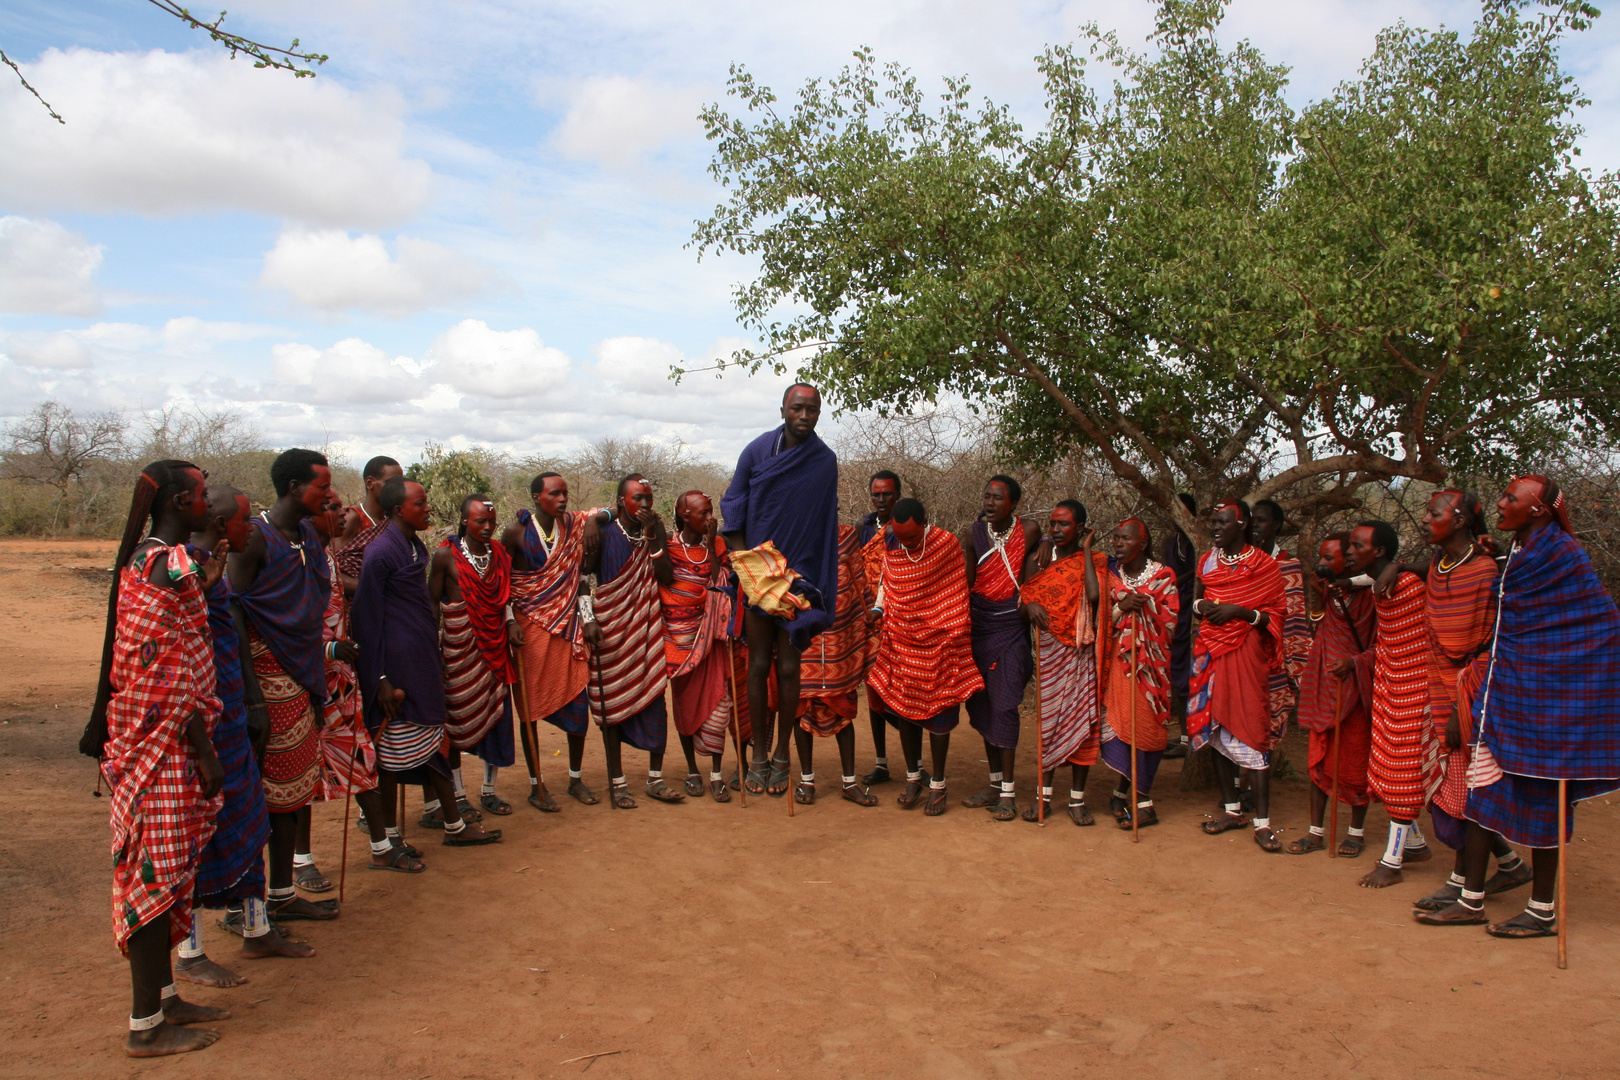 Masai bei einer internen Kulturveranstaltung in ihrem Dorf.